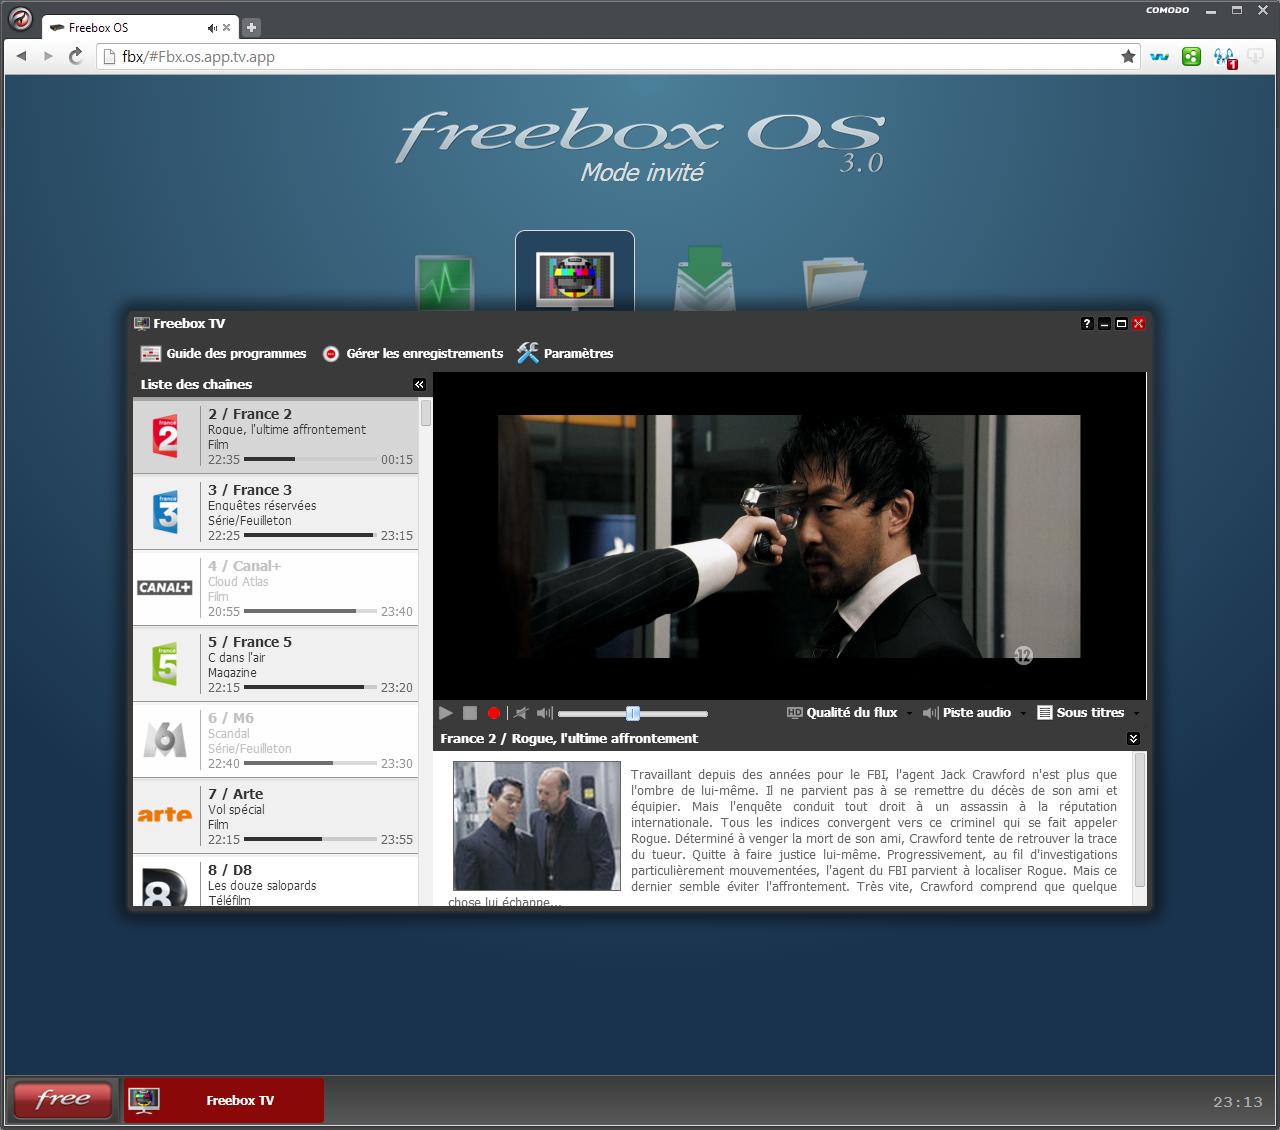 La TV dans Freebox OS